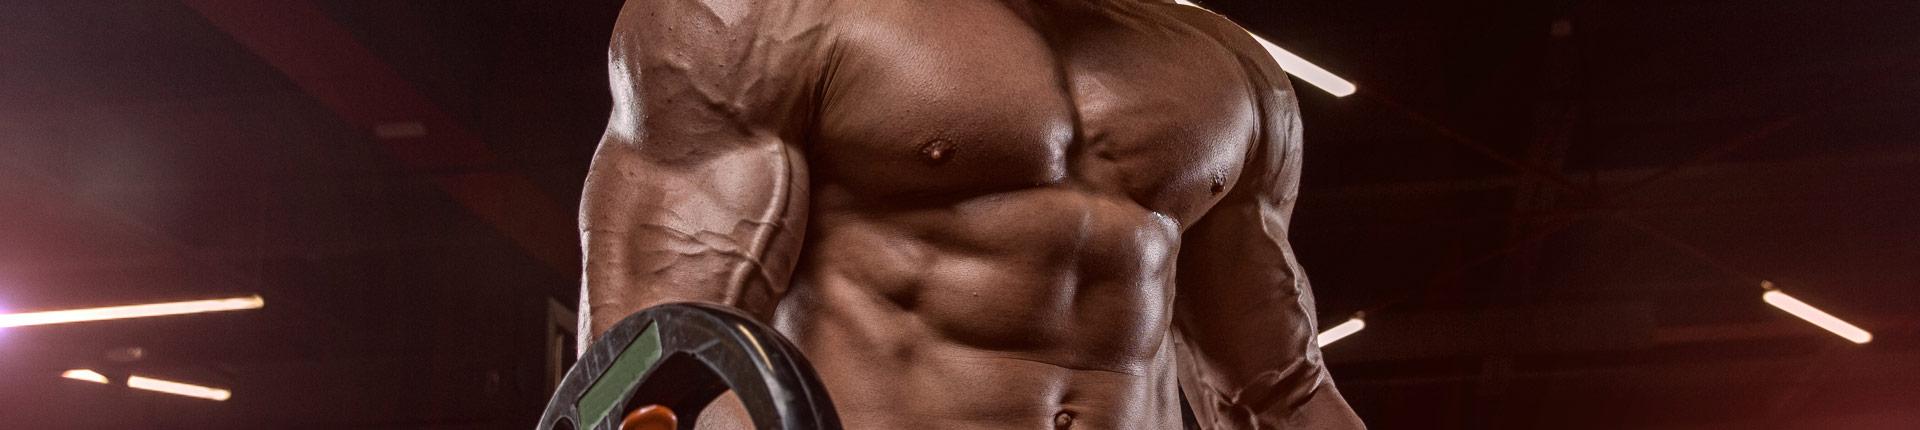 7 podstawowych zasad treningu siłowego